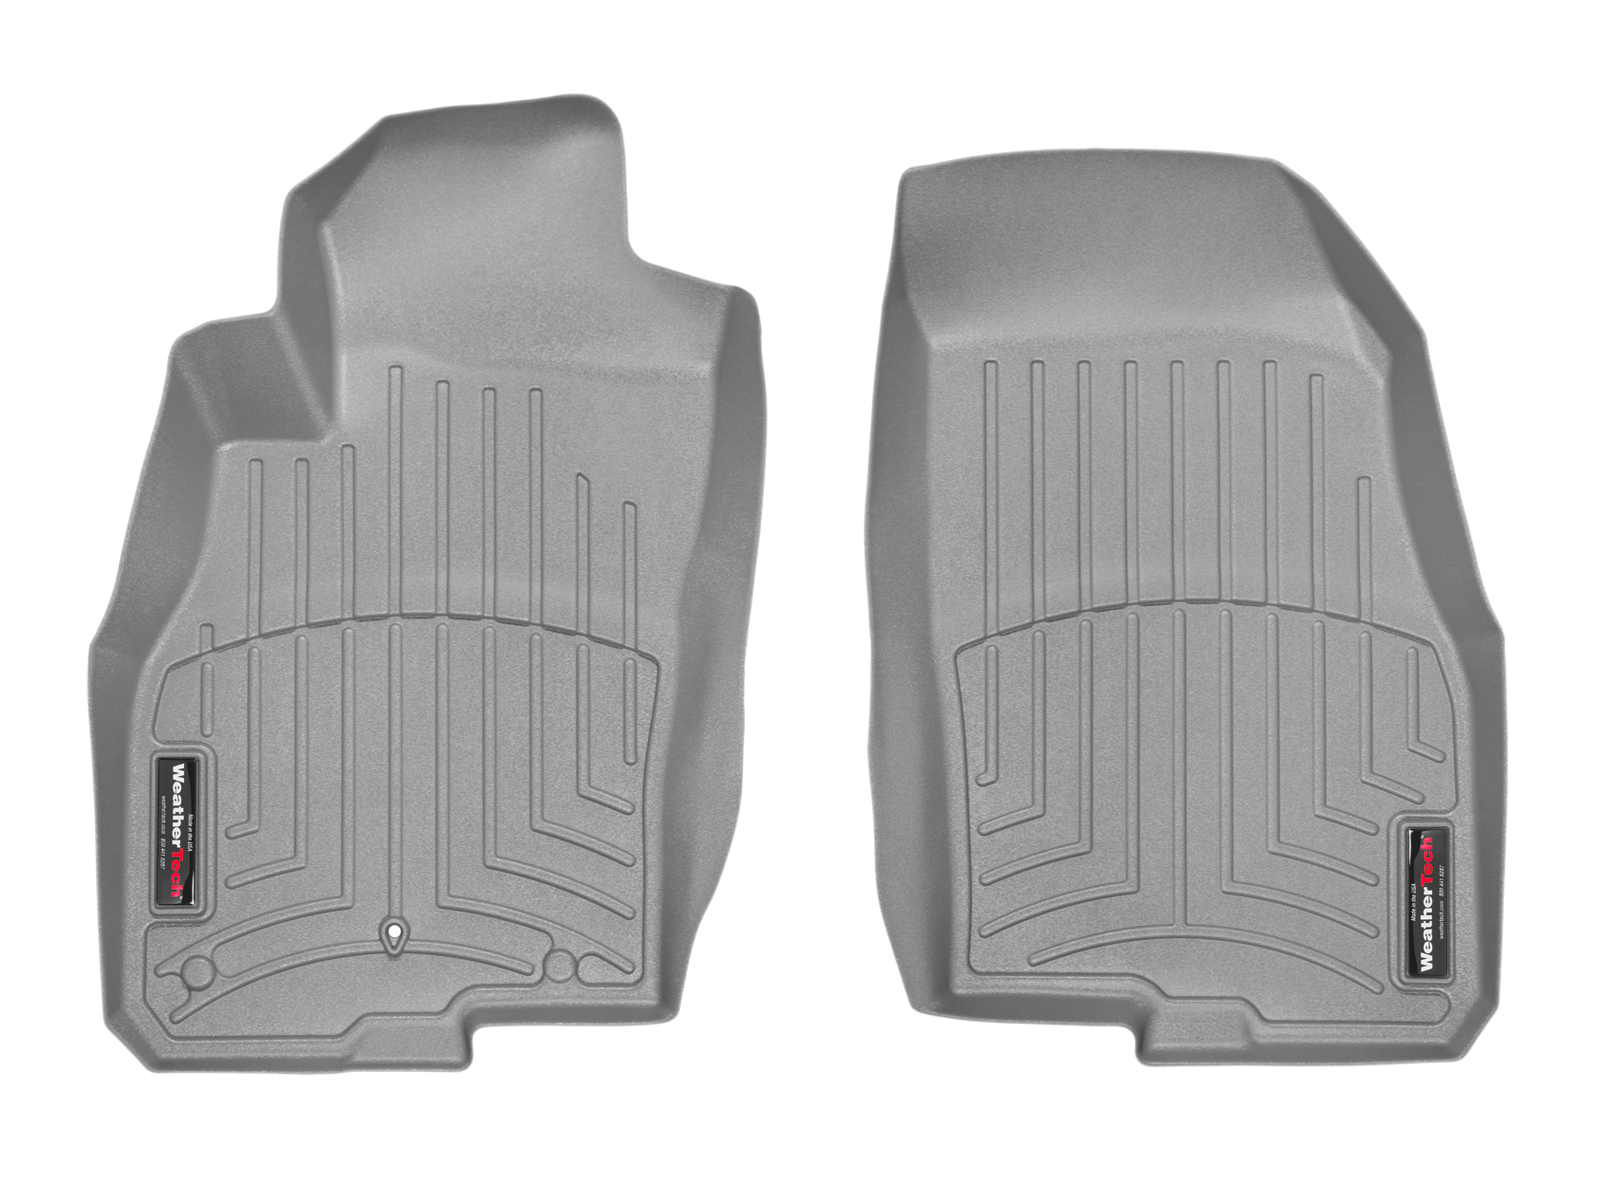 Tappeti gomma su misura bordo alto Fiat Punto EVO 09>13 Grigio A830*